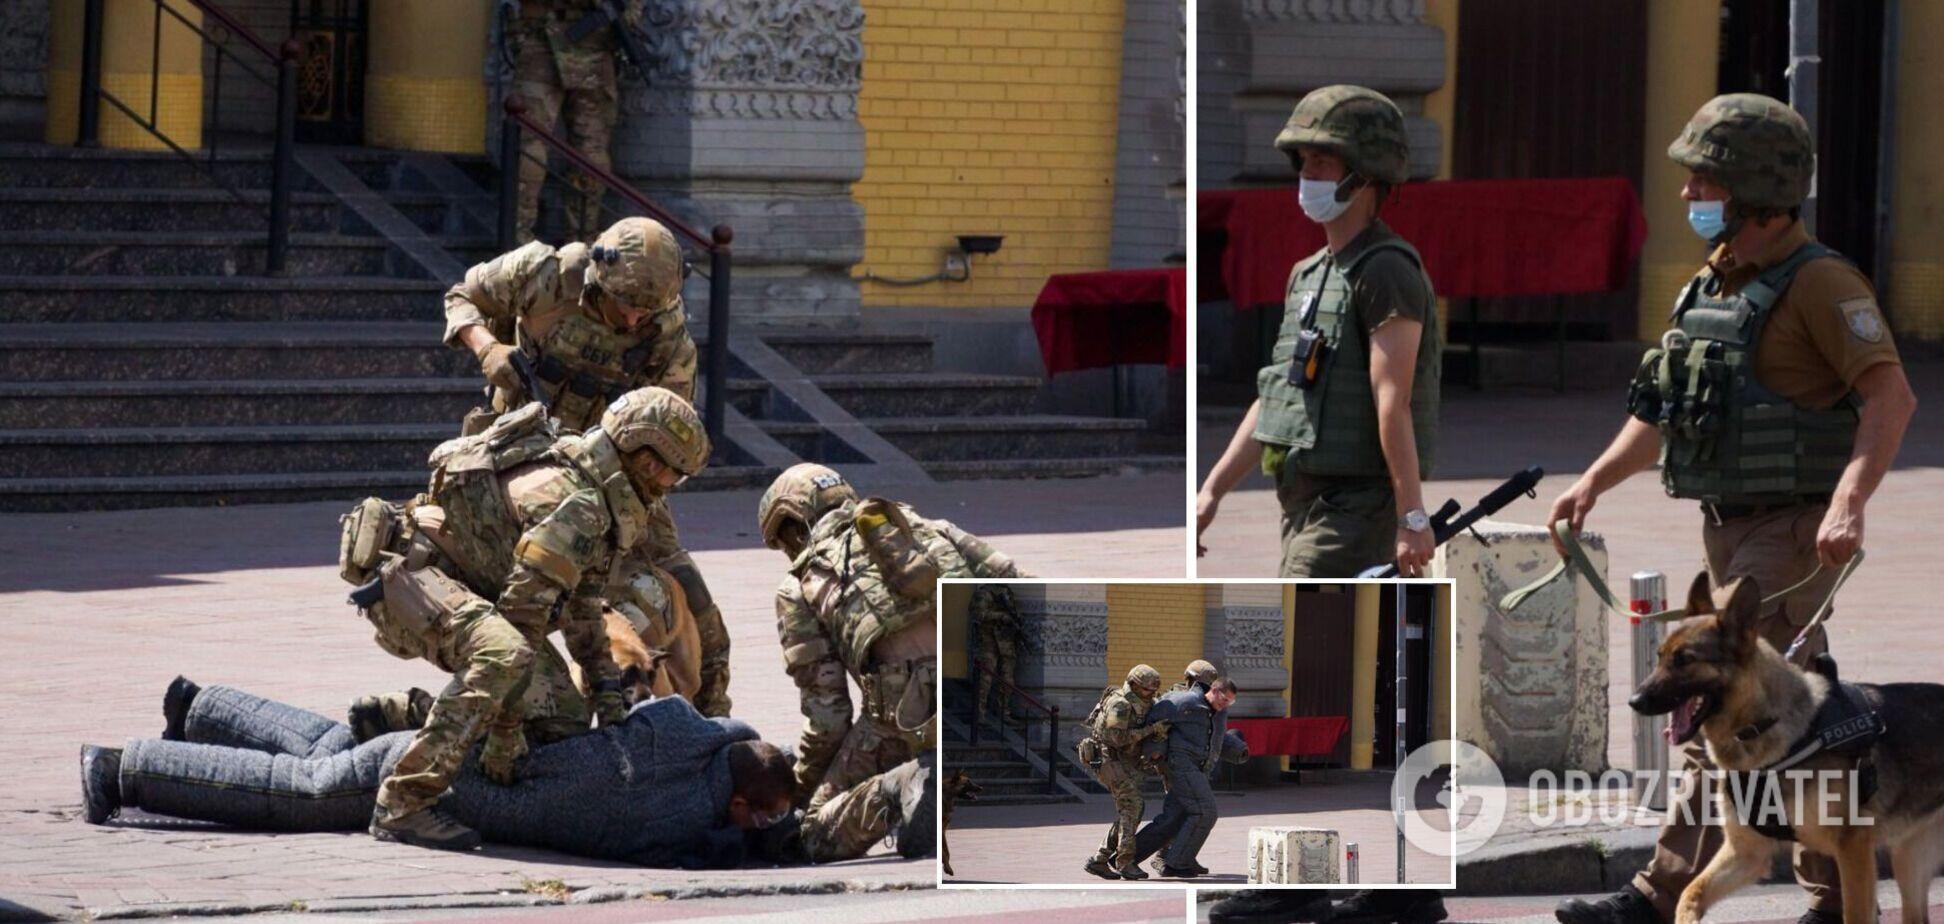 СБУ з автоматами й собаками 'ловила терористів' у центрі Києва. Фото